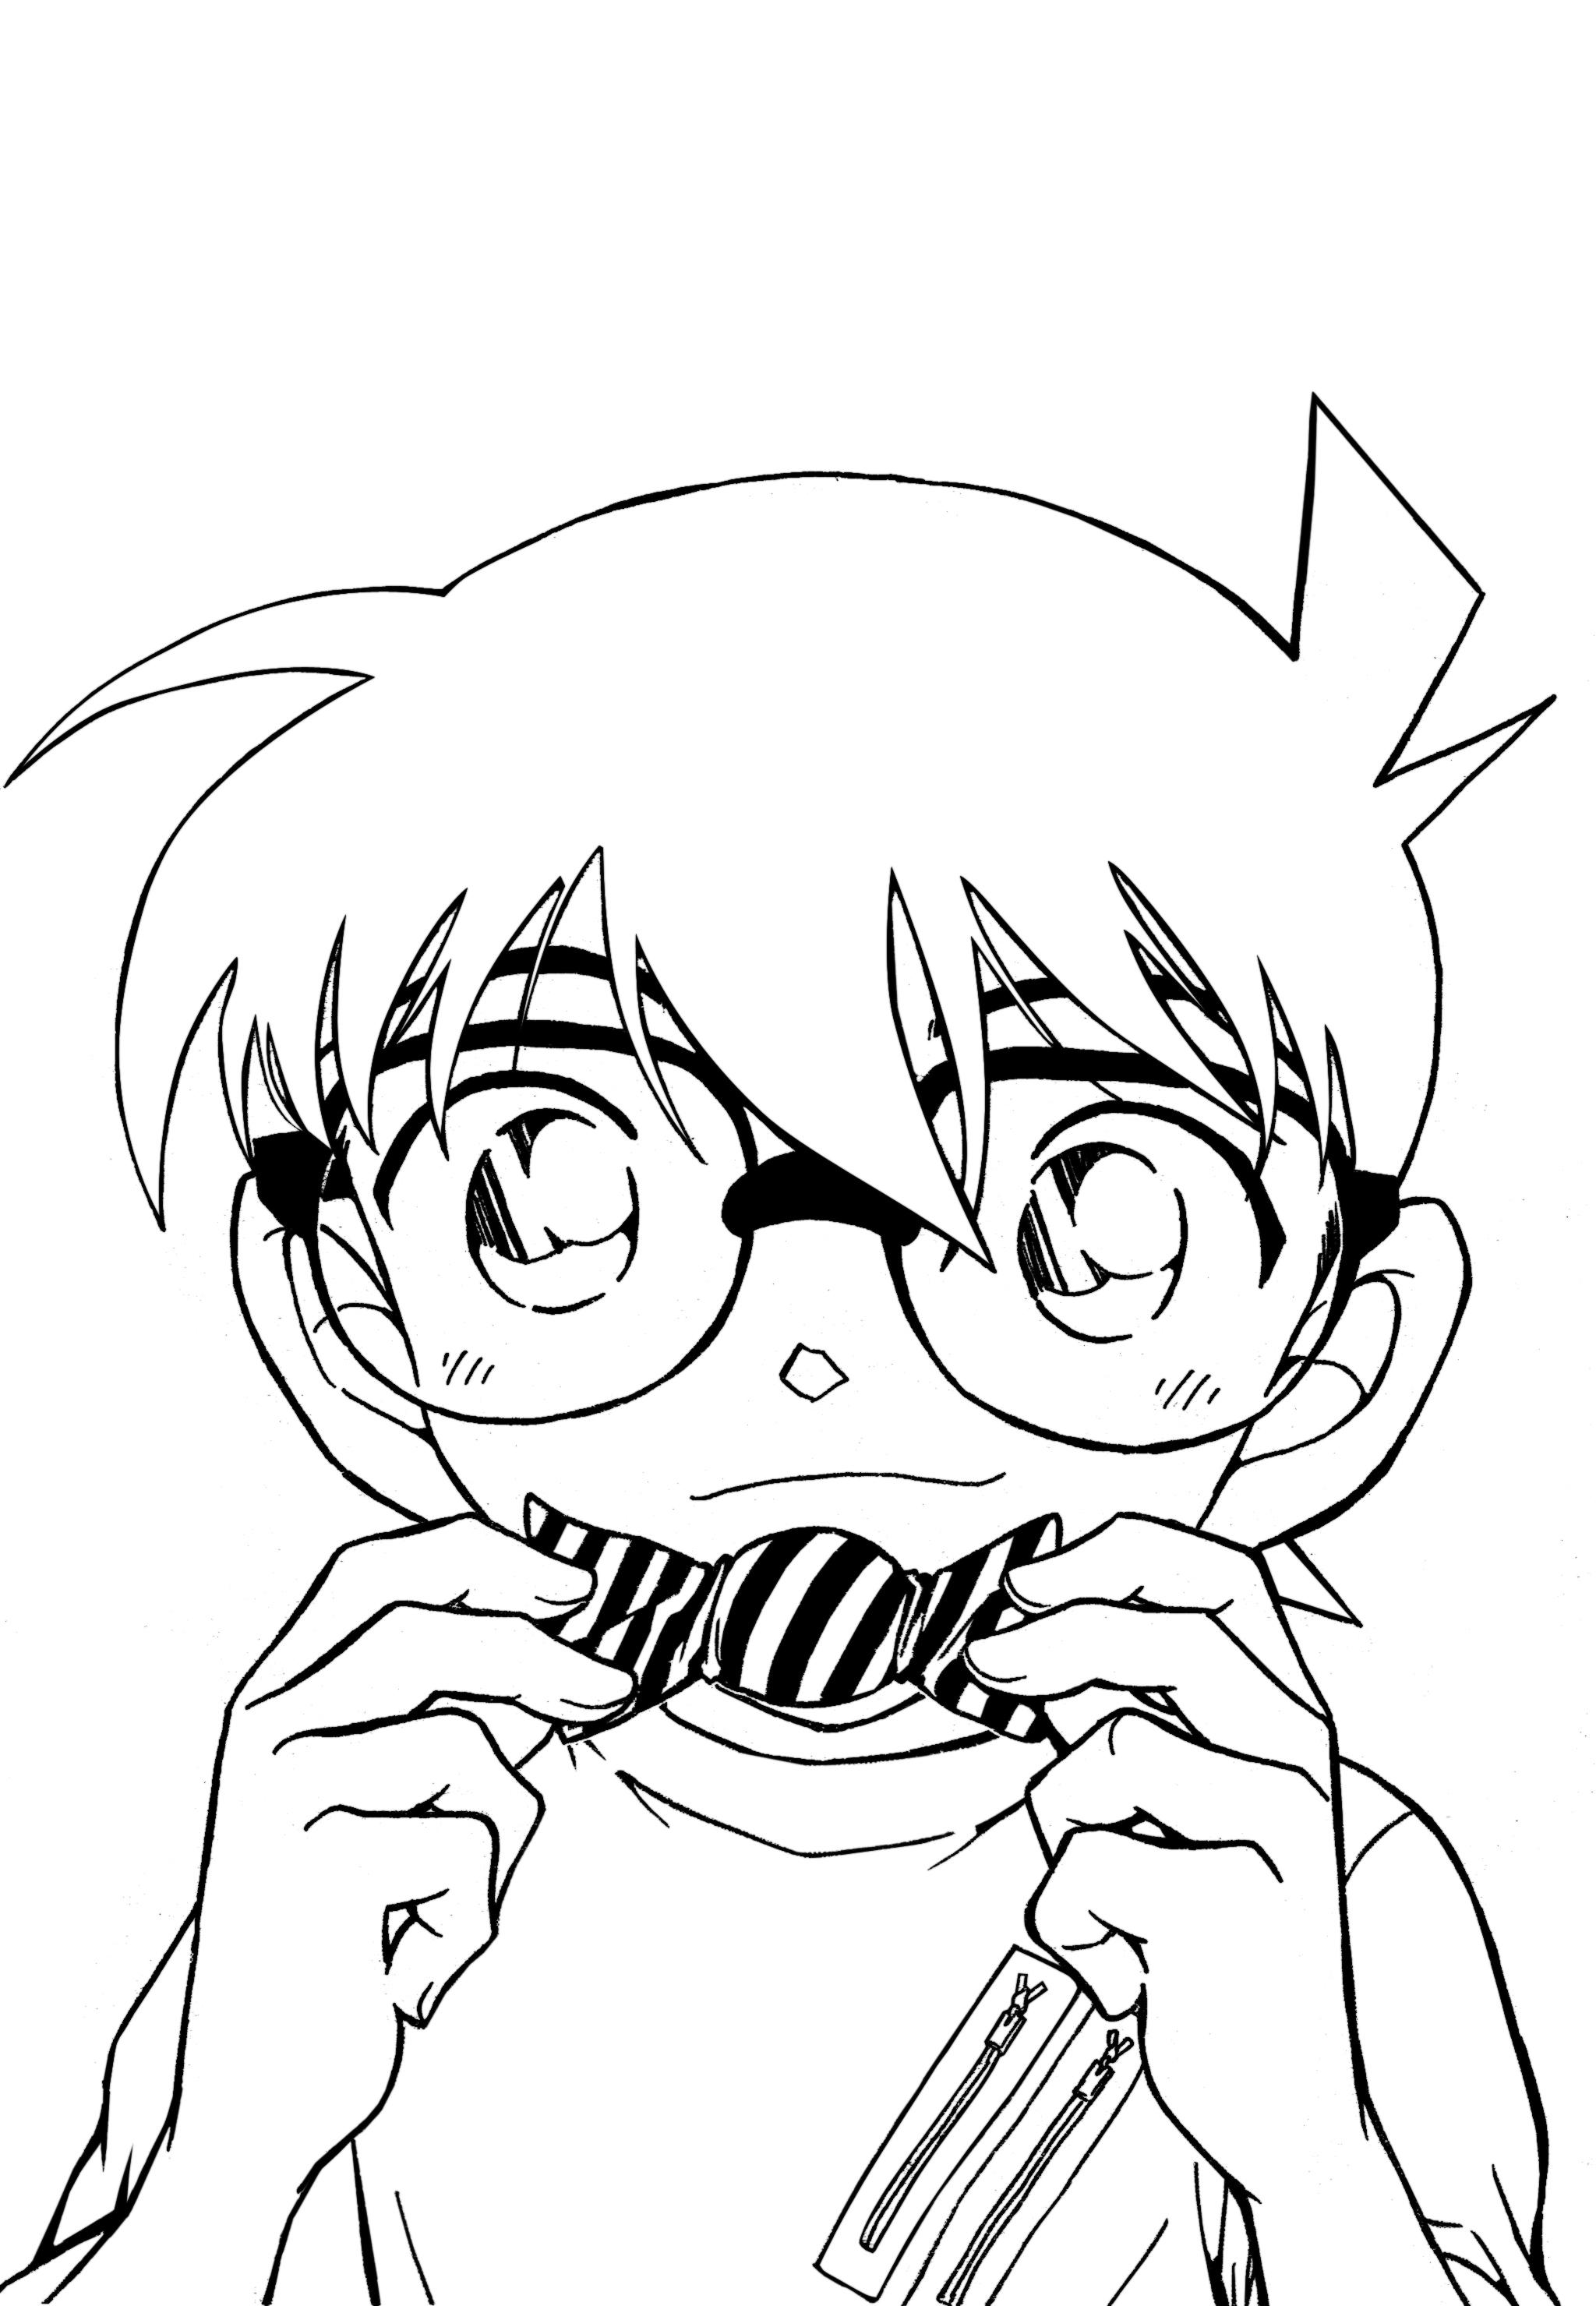 Conan coloring #1, Download drawings